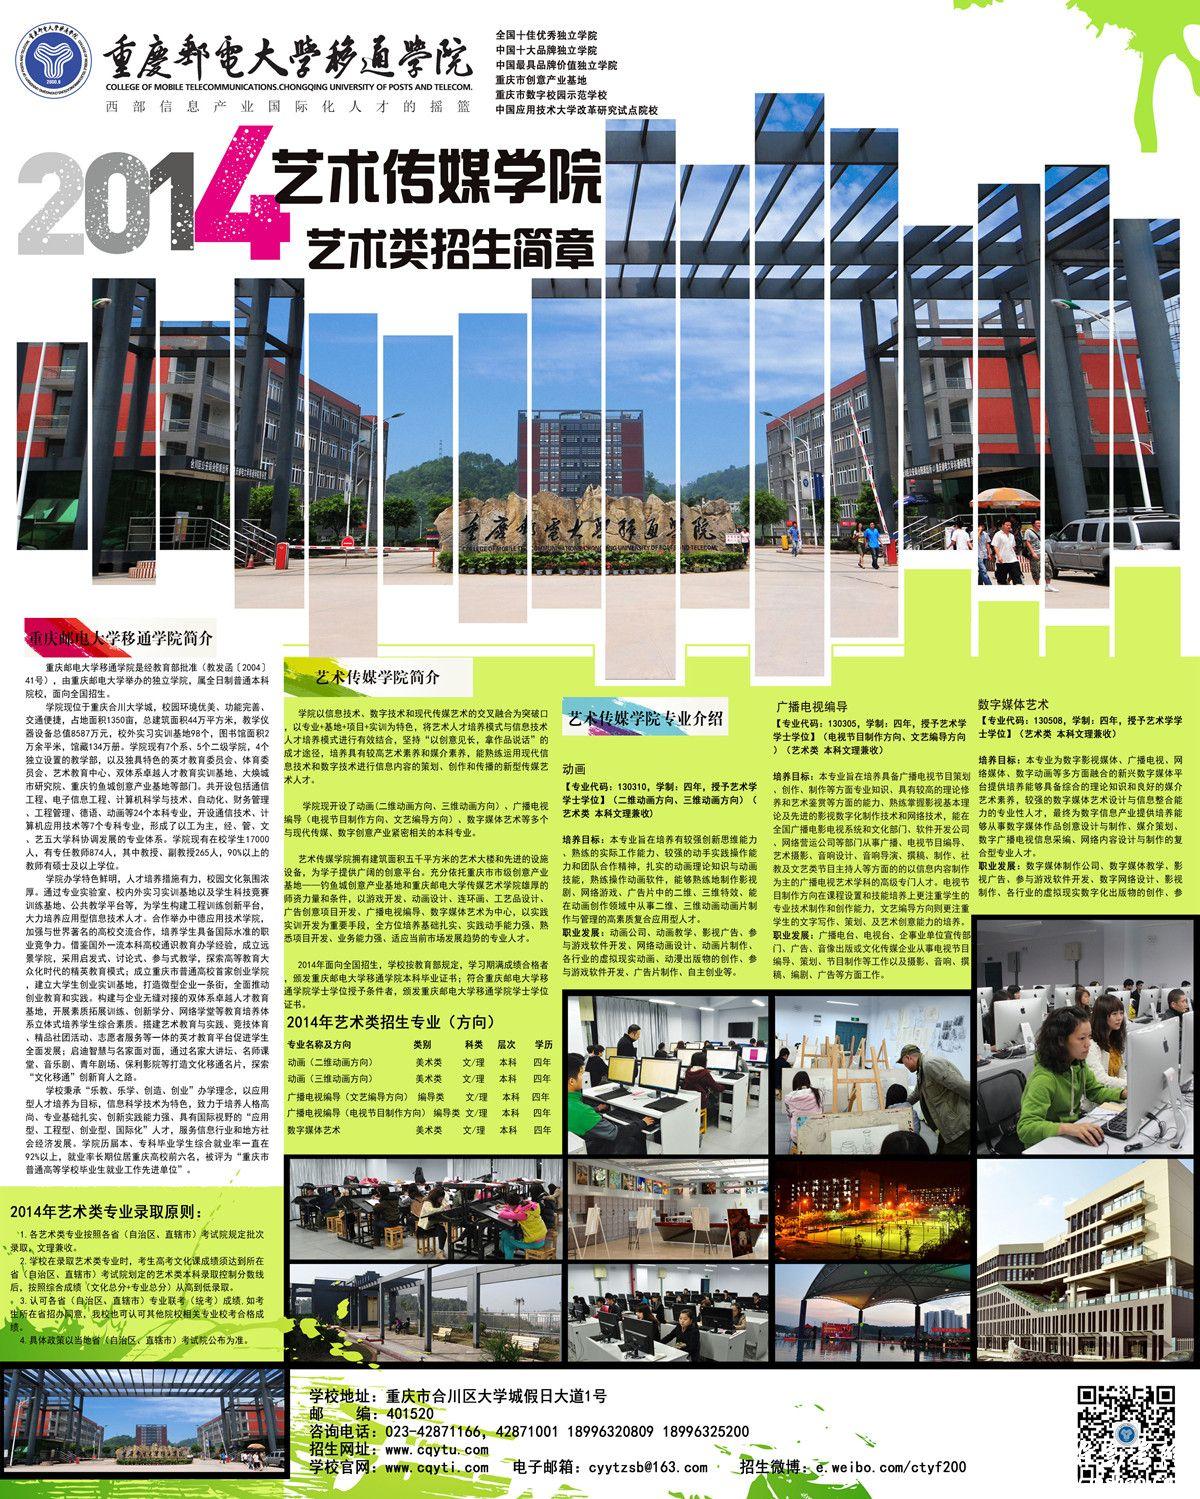 重庆邮电大学移通学院2014年艺术类专业招生简章